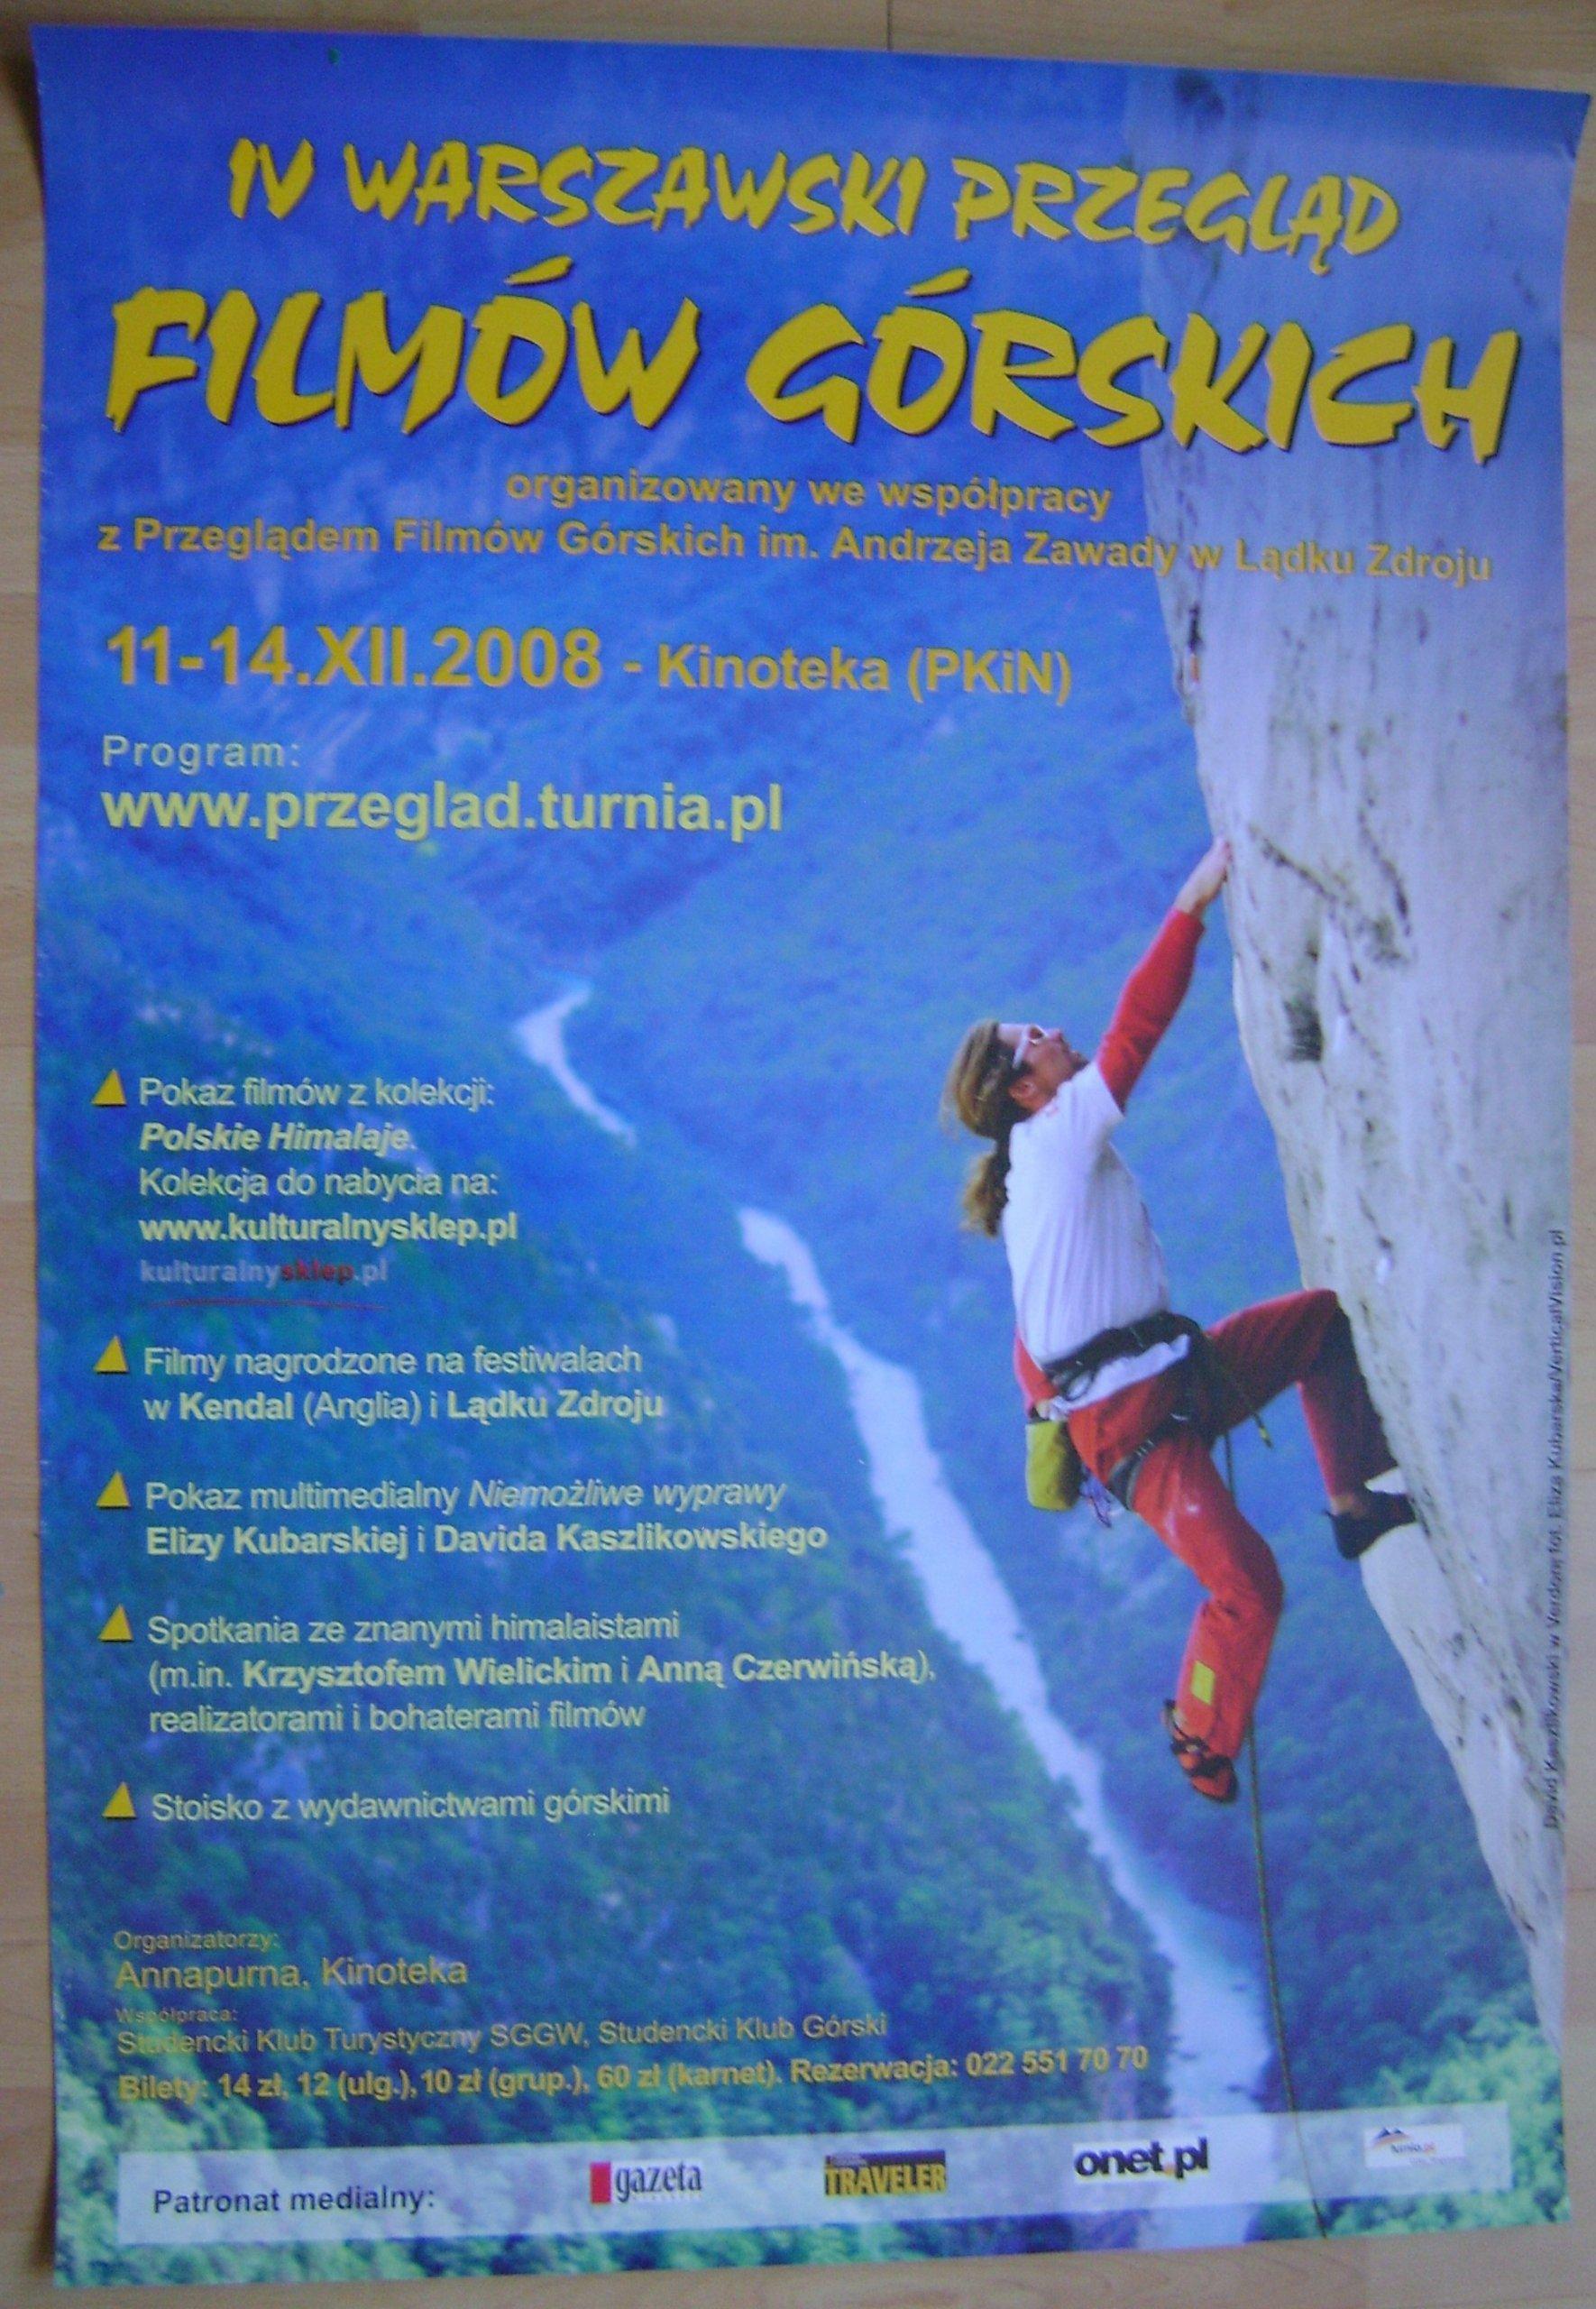 Film Górski Warszawski Przegląd 2008 Plakat 6365909430